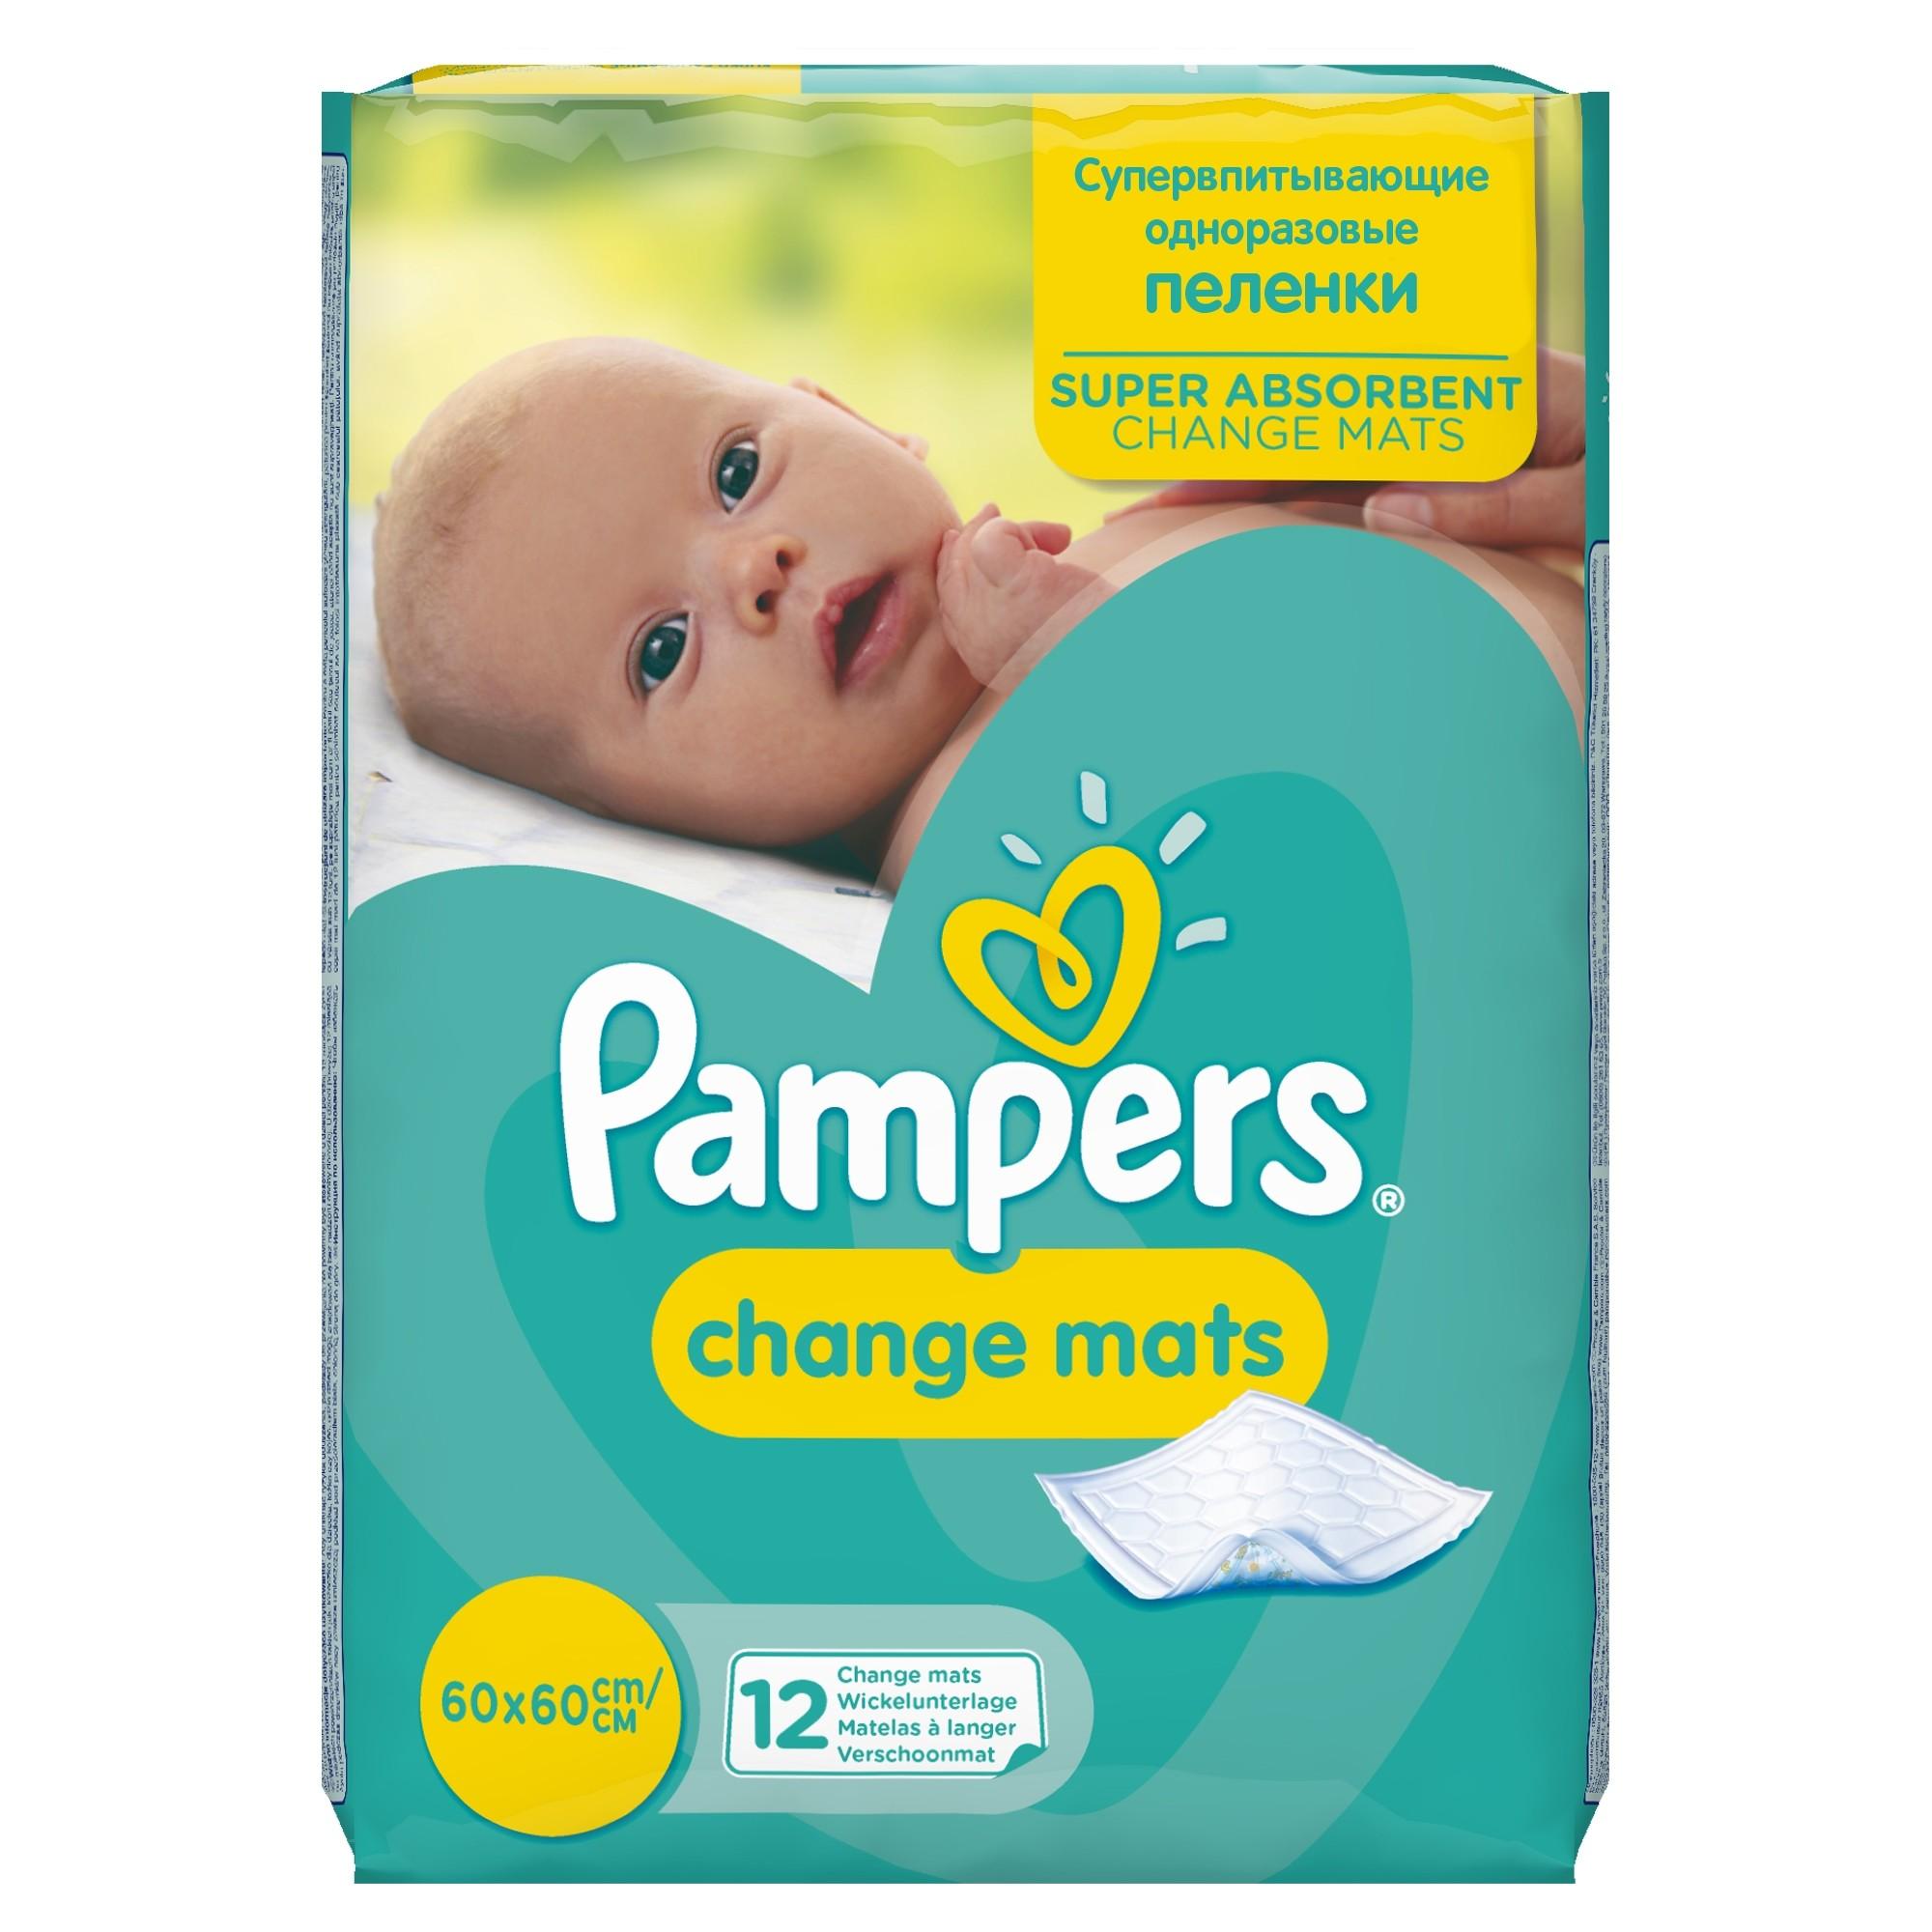 Купить со скидкой Пеленки впитывающие Pampers ChangeMats 60х60 см 12 шт.